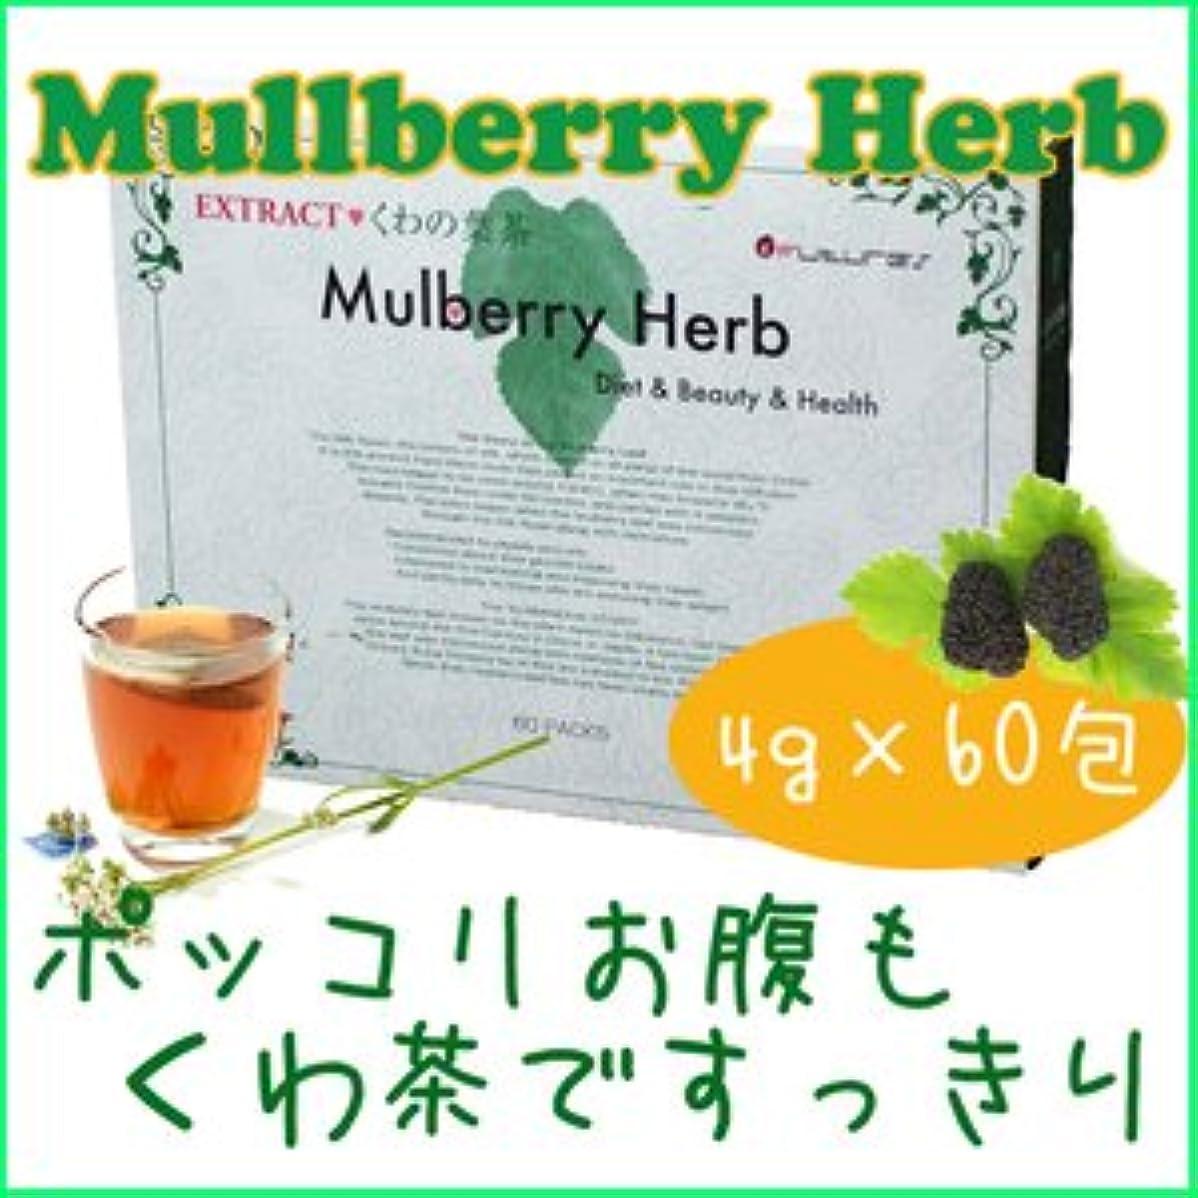 待つ屋内支給桑の葉茶(クワの葉茶) 4g×60包